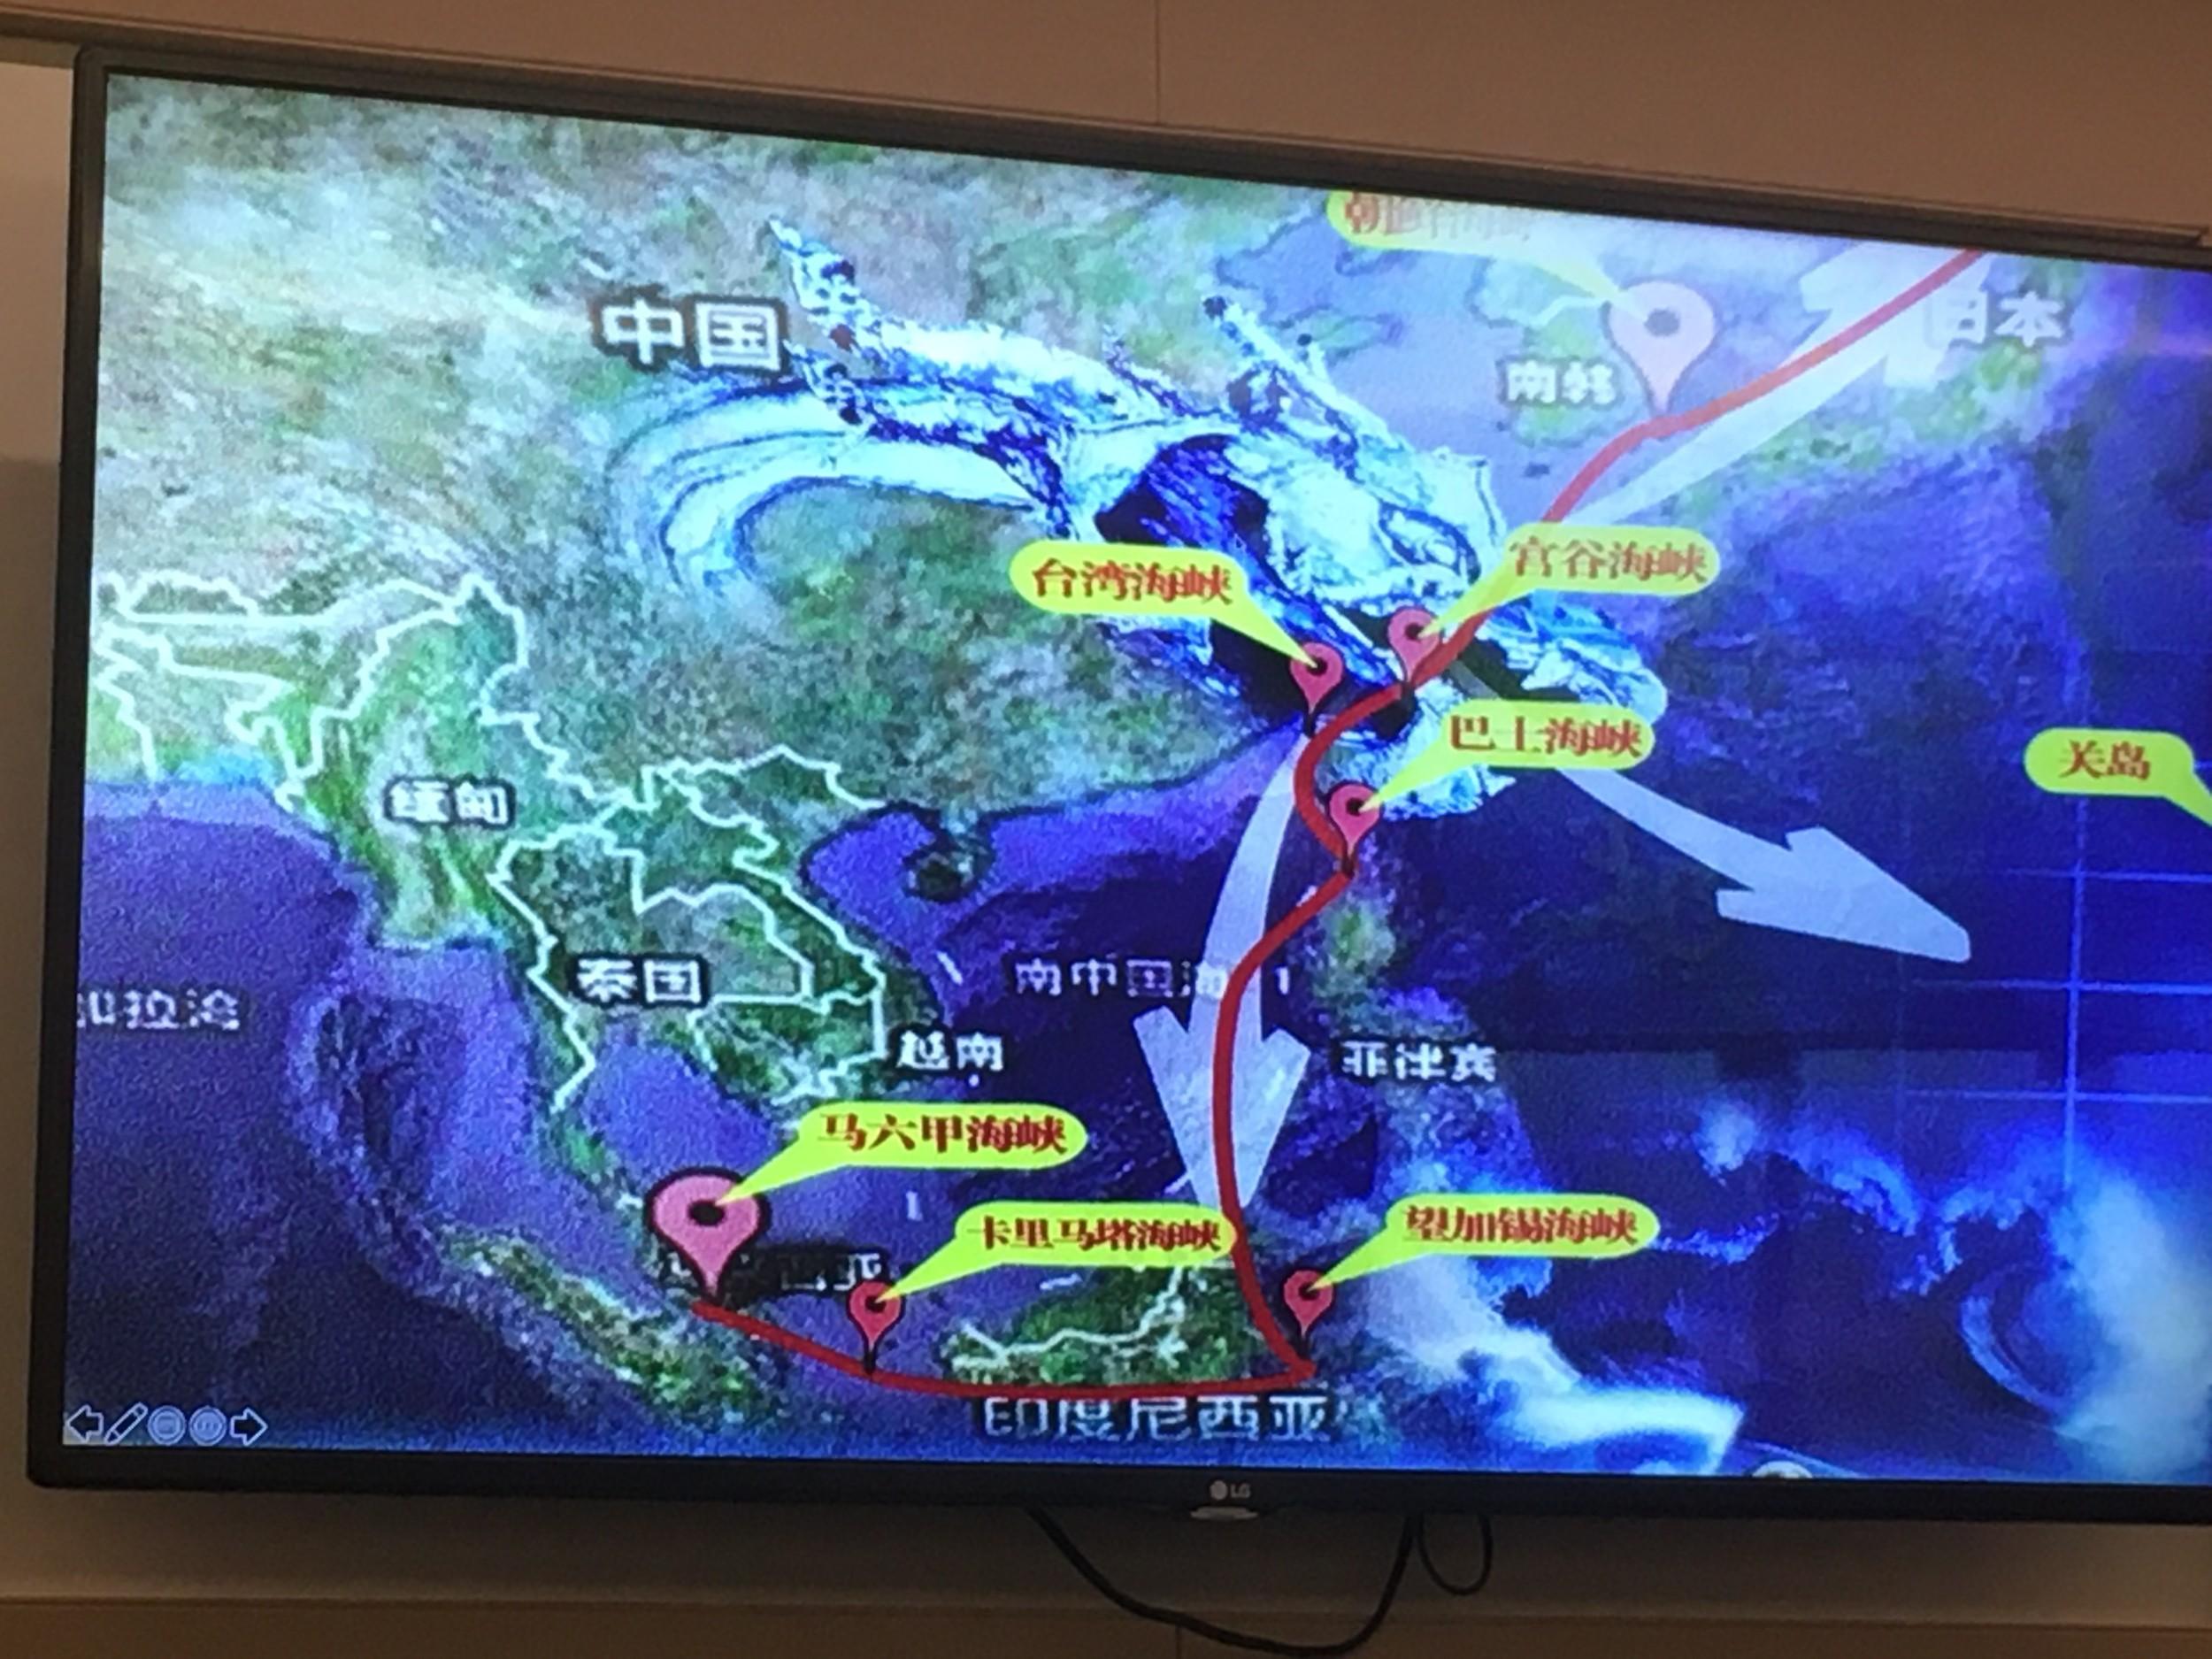 前美国太平洋舰队情报和信息行动主管詹姆斯·法奈尔(James E. Fanell)展示2012年中国护卫舰上的一张地图。(薛小山拍摄)